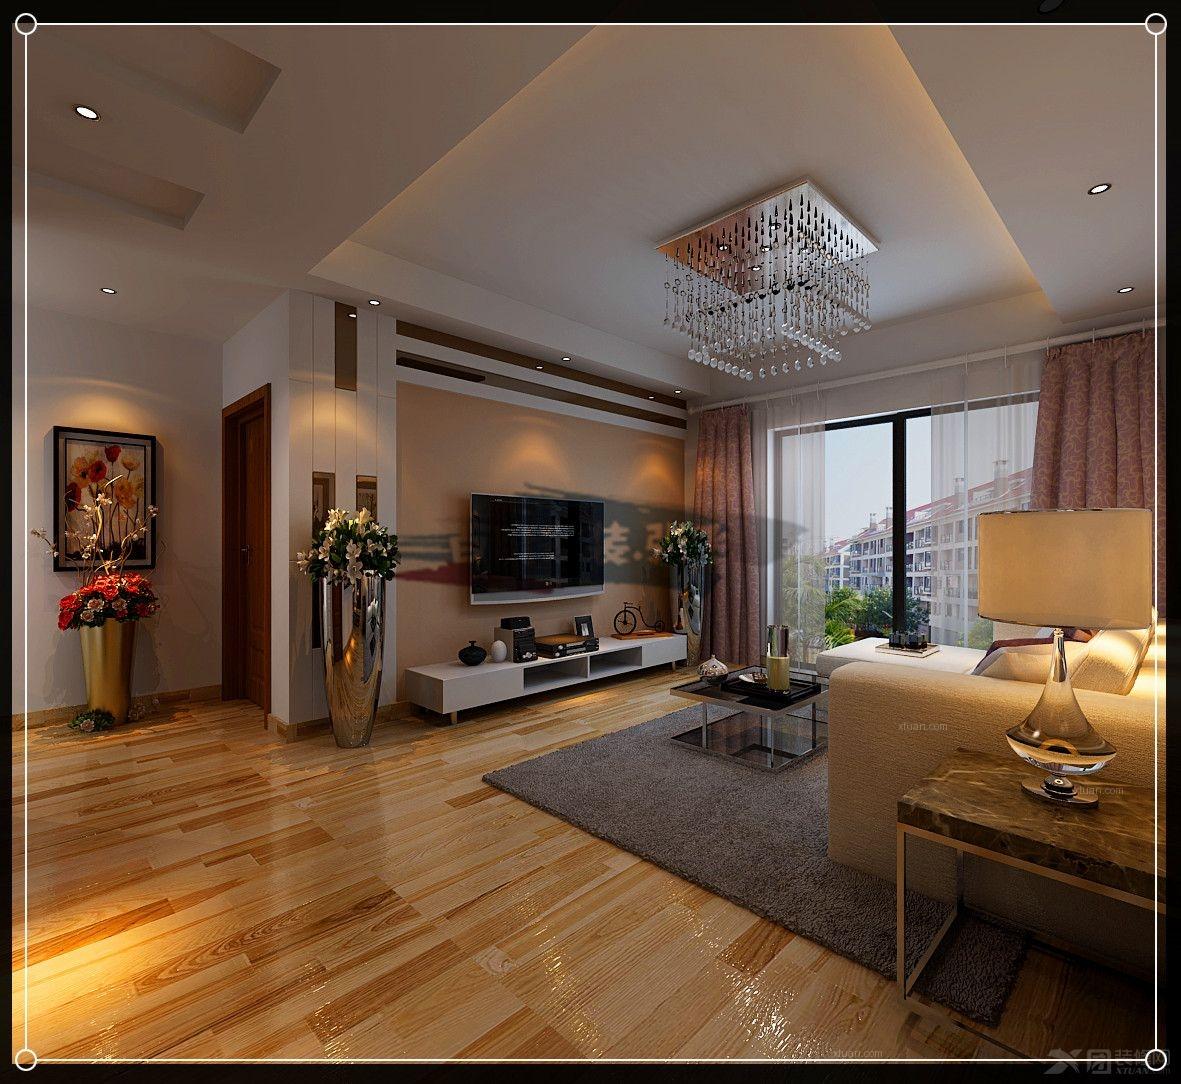 一厅现代简约 帮我出个设计方案 免费申请 三室一厅相关装修小贴士